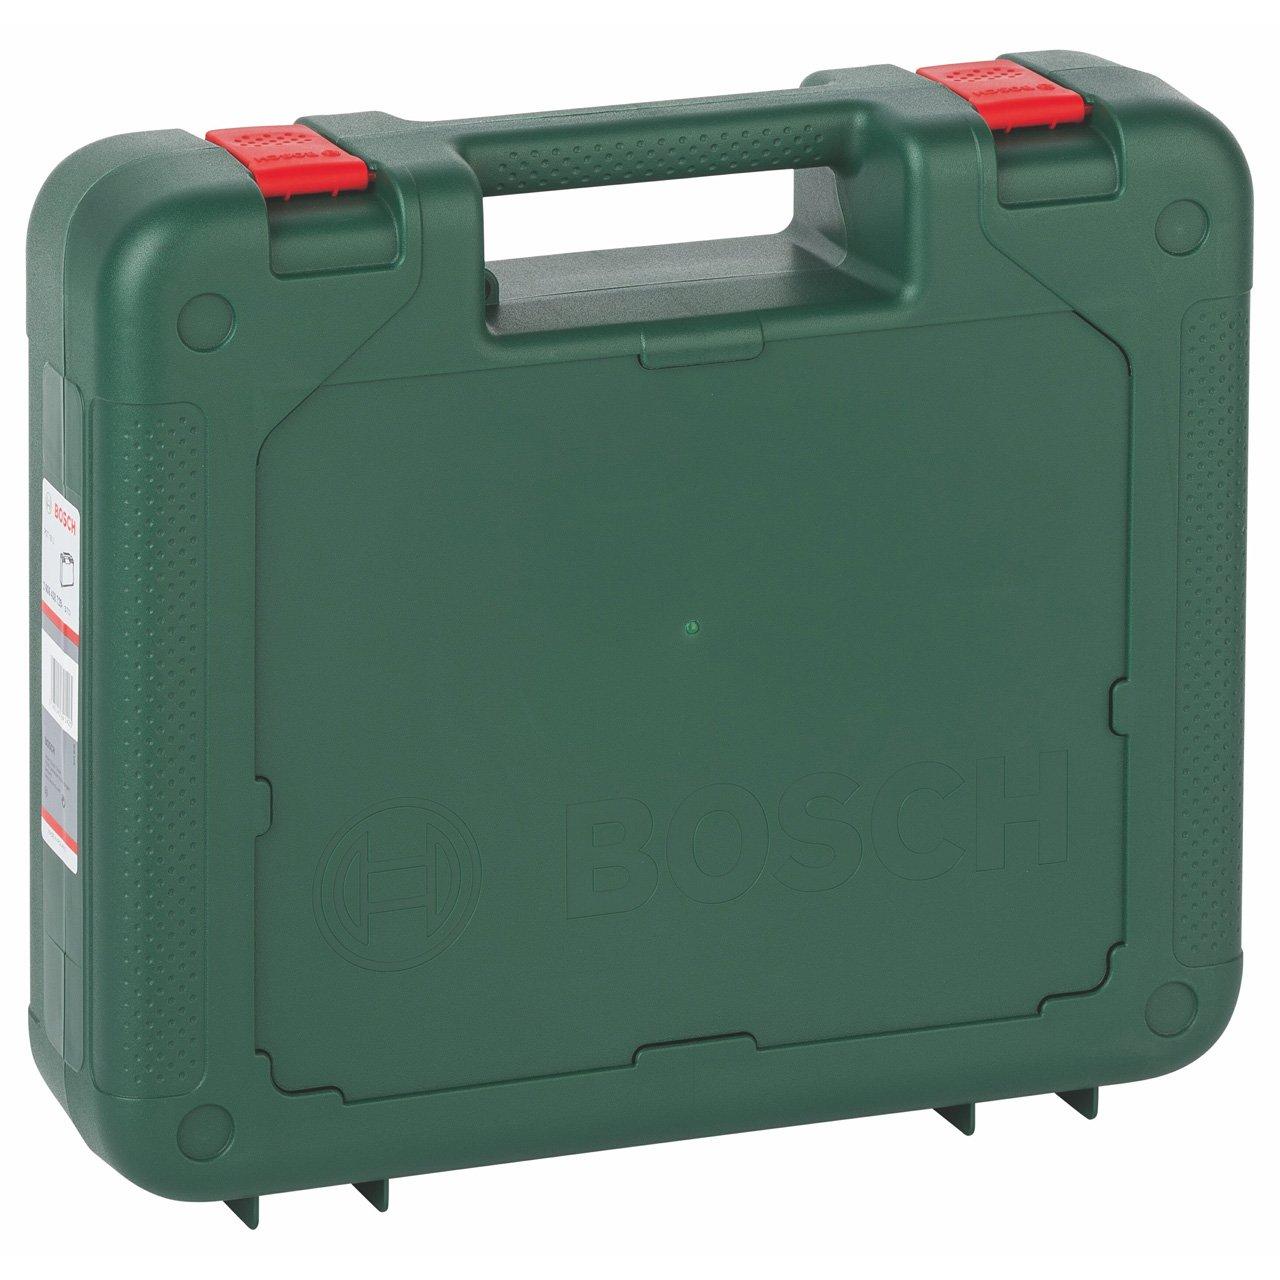 Bosch Coffret de transport plastique pour PST 18 LI 2605438729